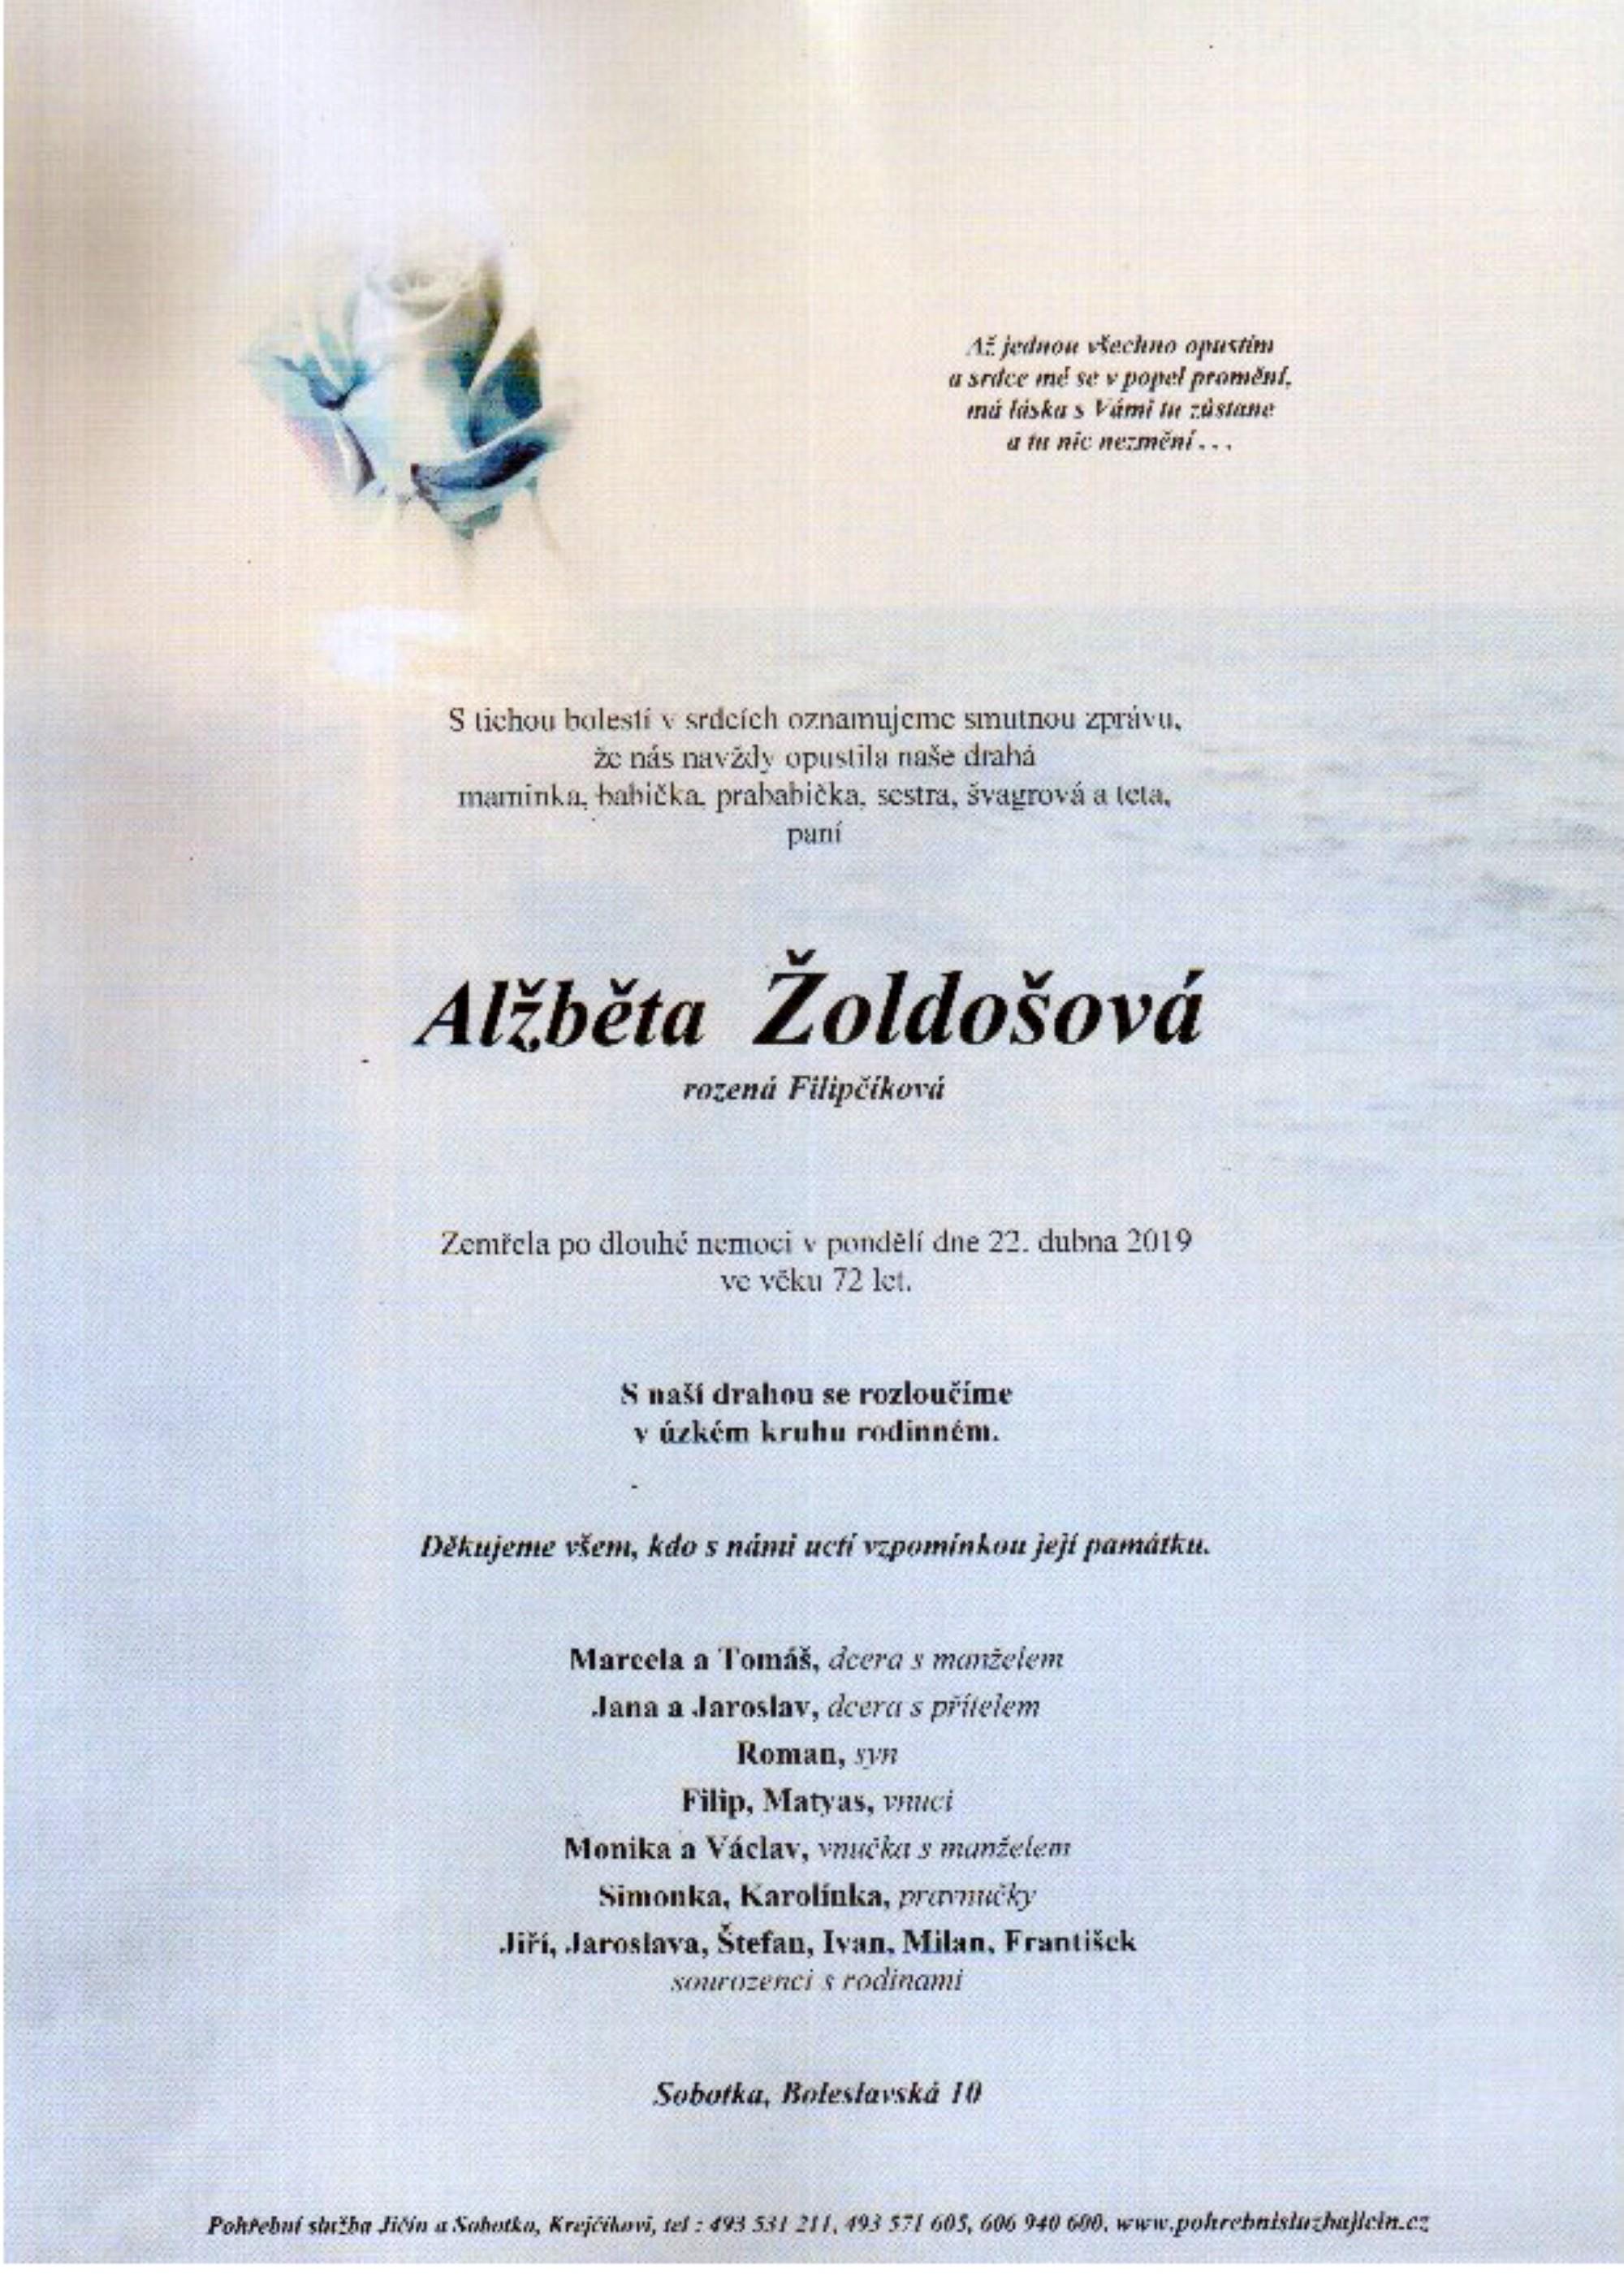 Alžběta Žoldošová